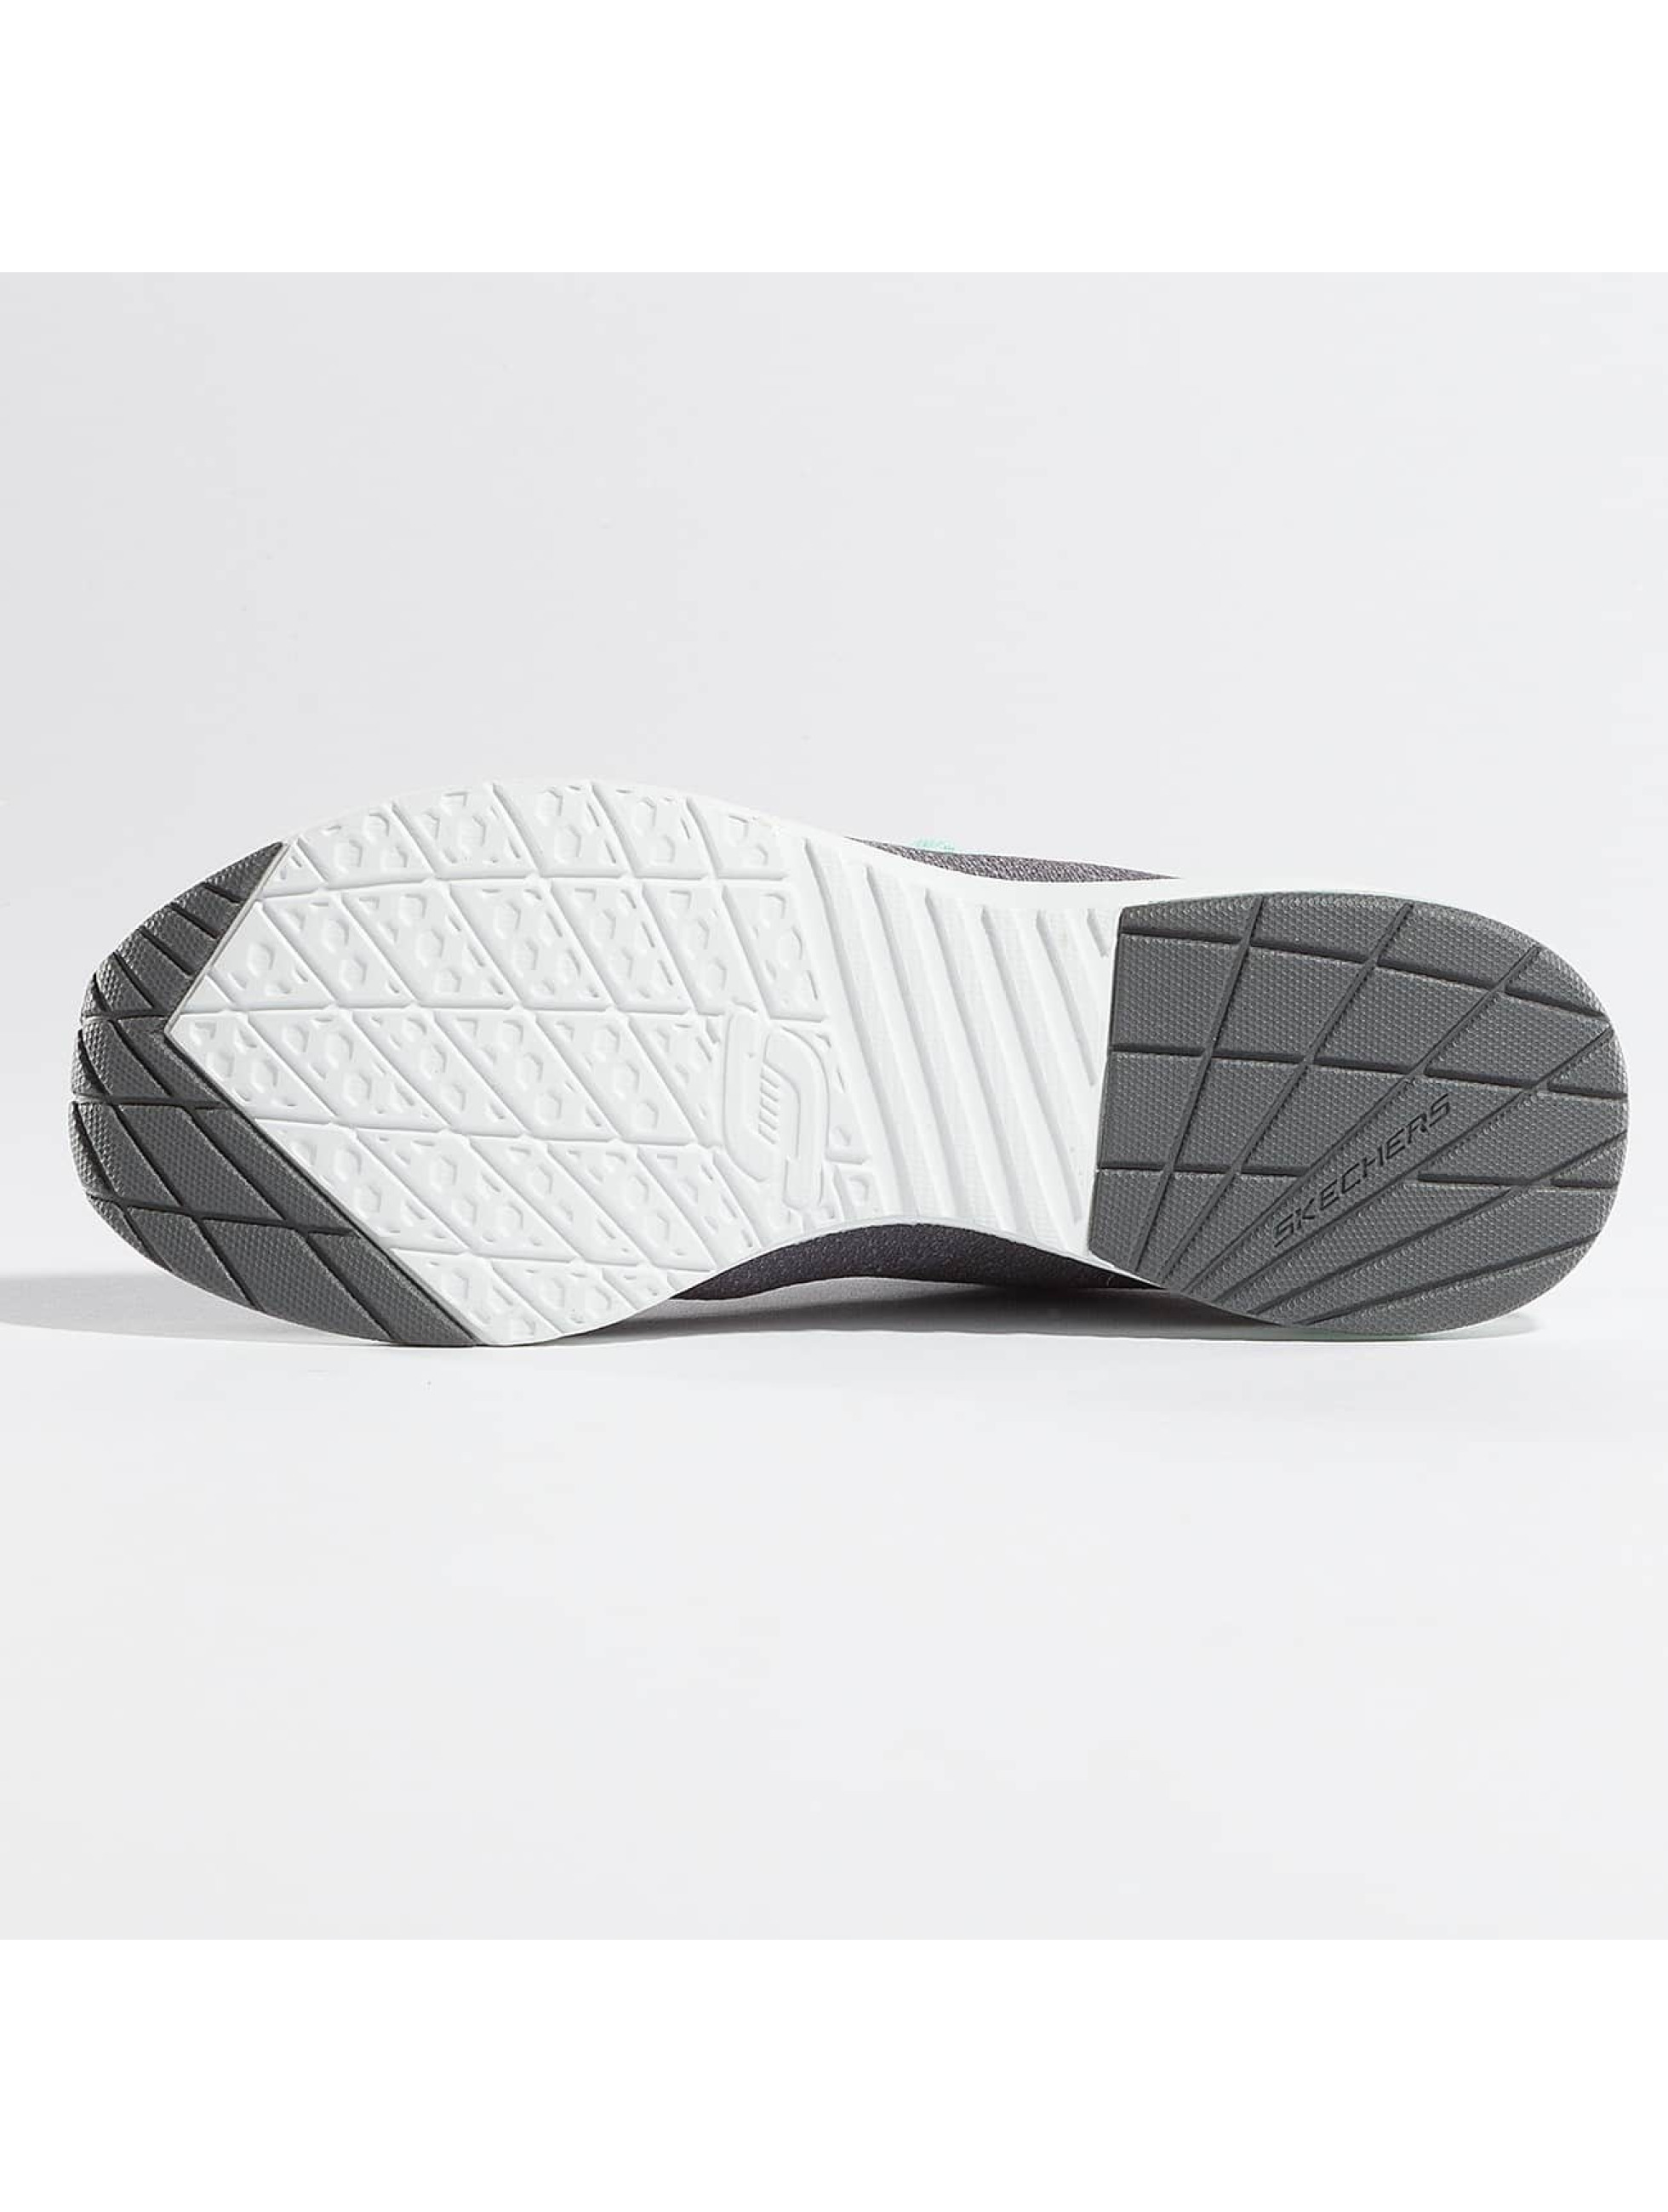 Skechers Sneakers Skech-Air Infinity-Modern Chic šedá